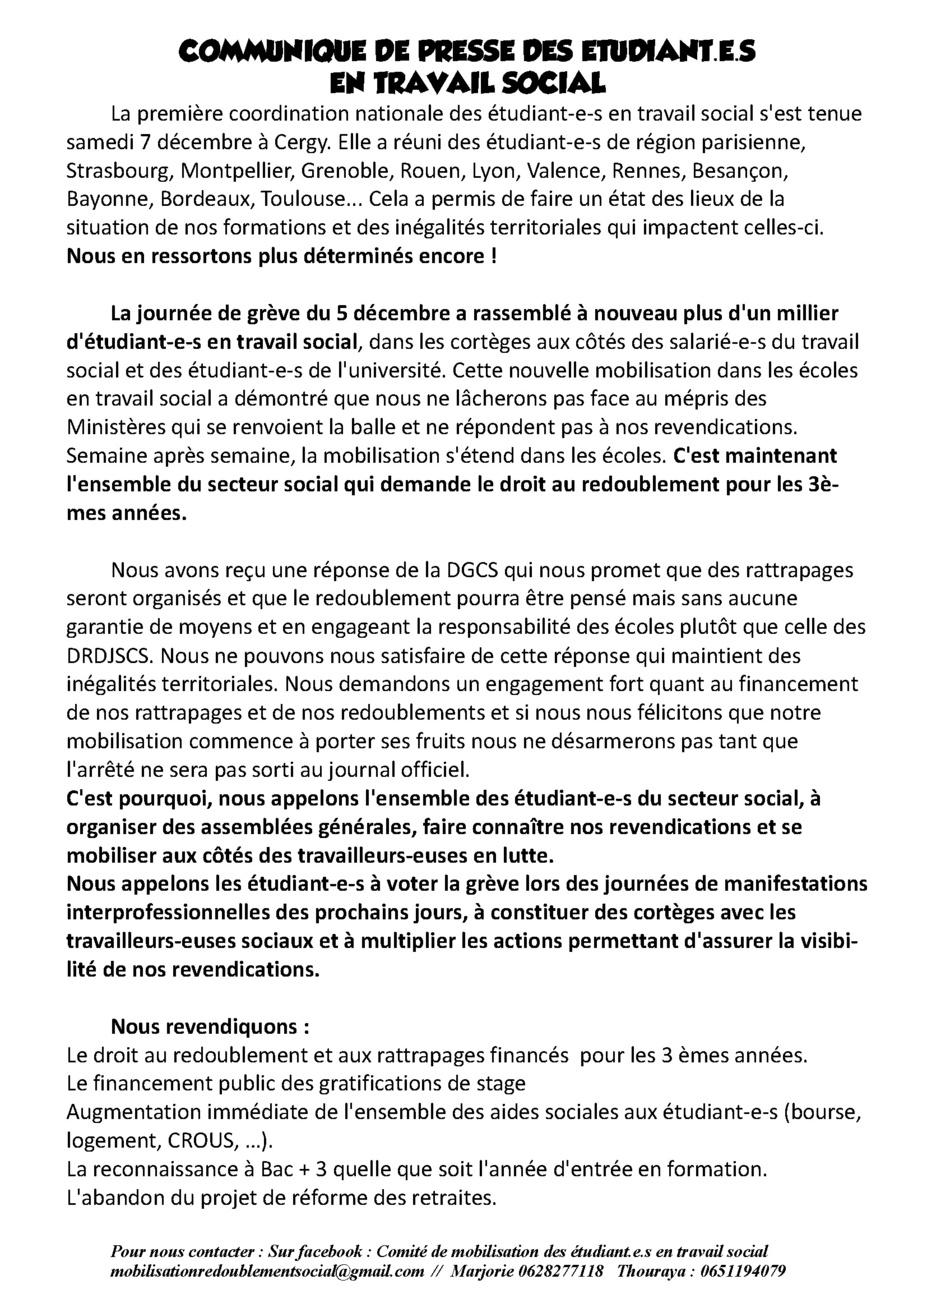 Communique de presse des étudiant.e.s en travail social - 15/12/2019